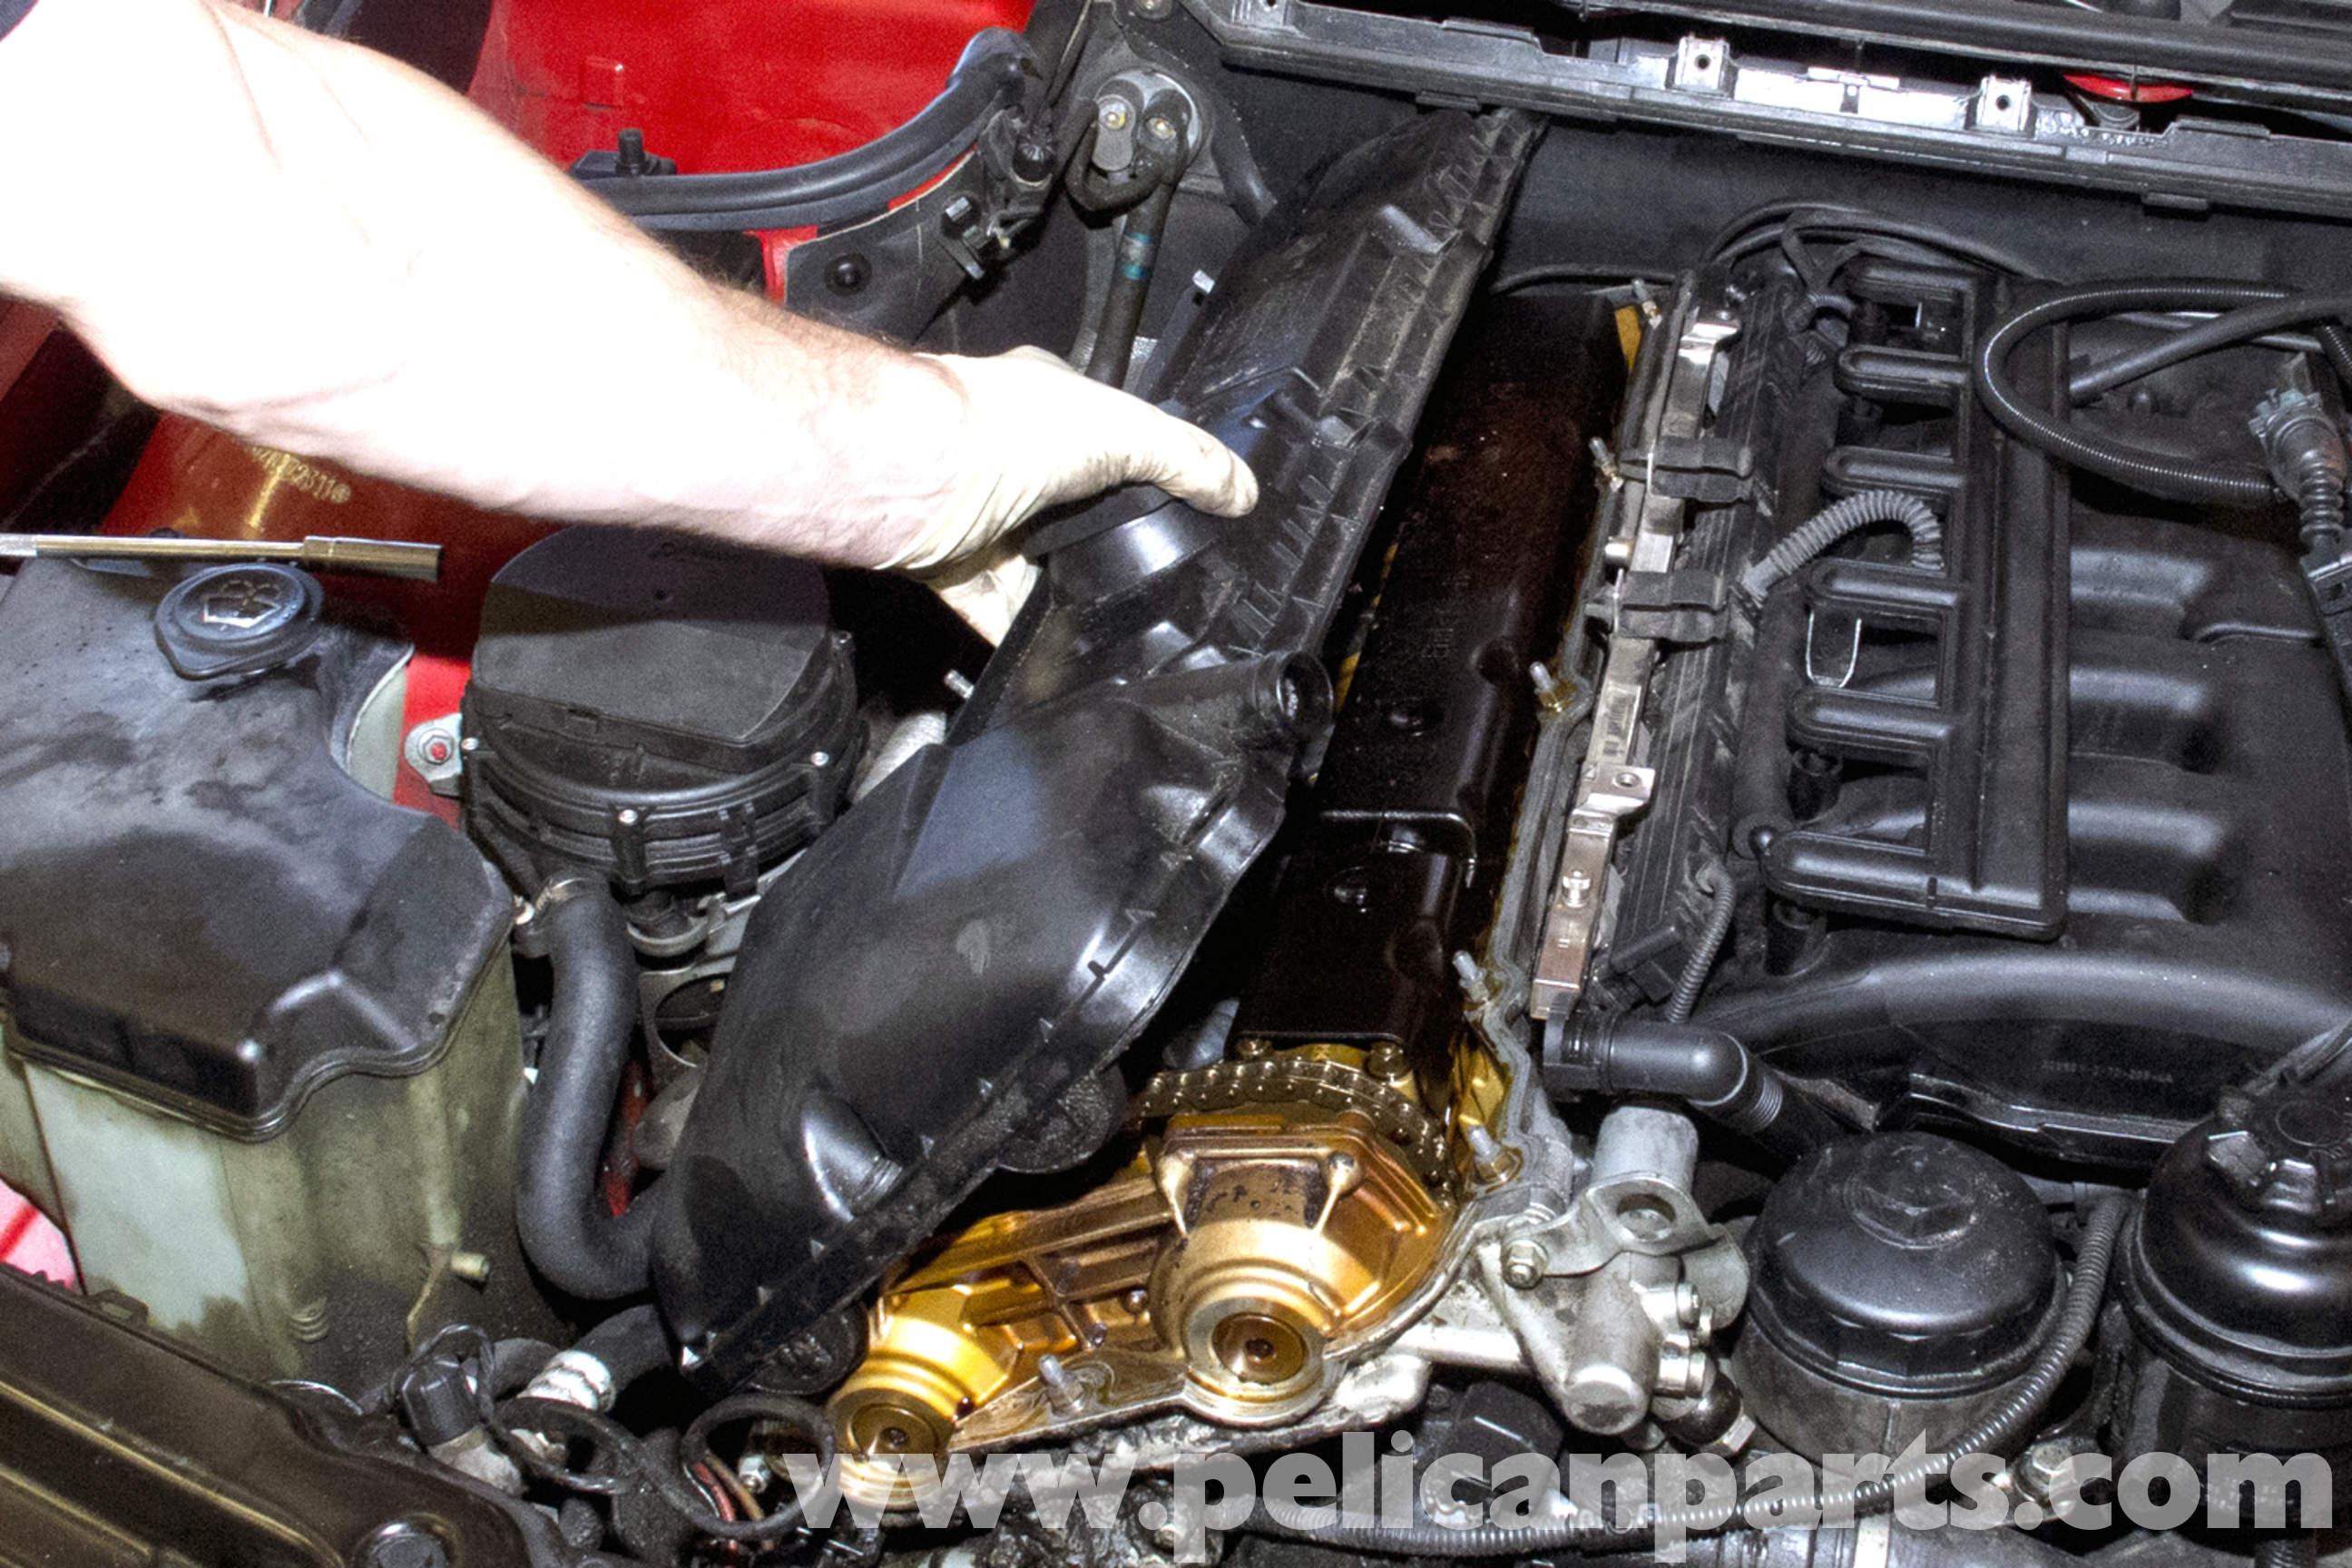 Bmw E46 Cylinder Head Bolt Testing 325i 2001 2005 325xi Audi Engine Diagram Torque Large Image Extra